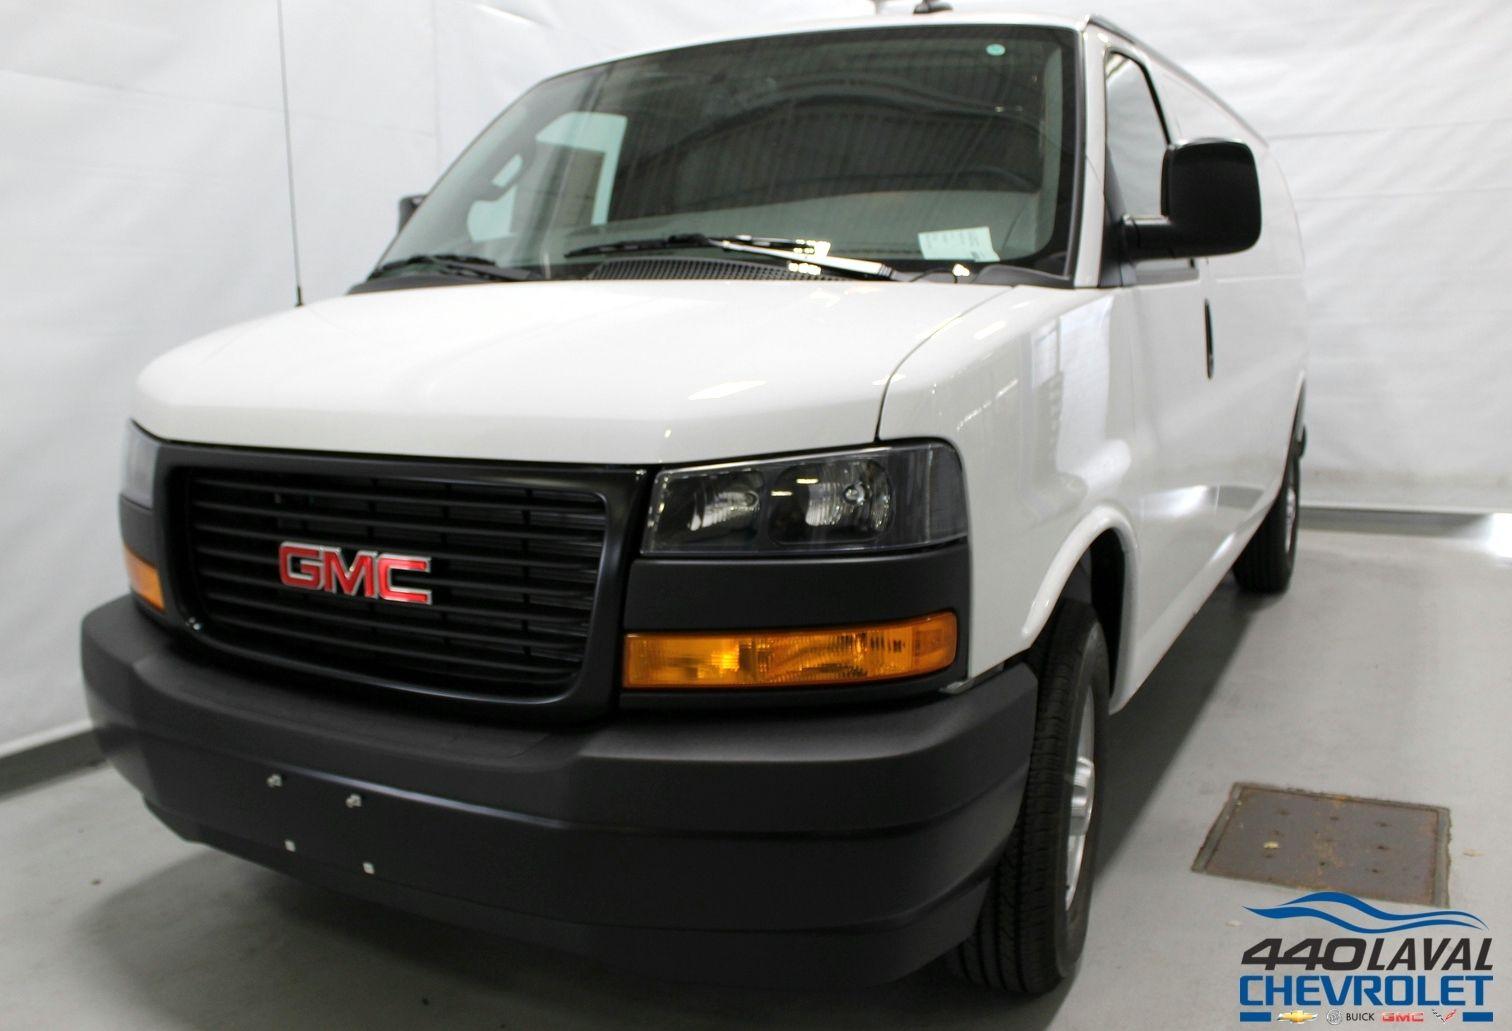 New 2018 Gmc Savana Cargo Van Work Summit White 427500 440 Chevrolet Laval 181818